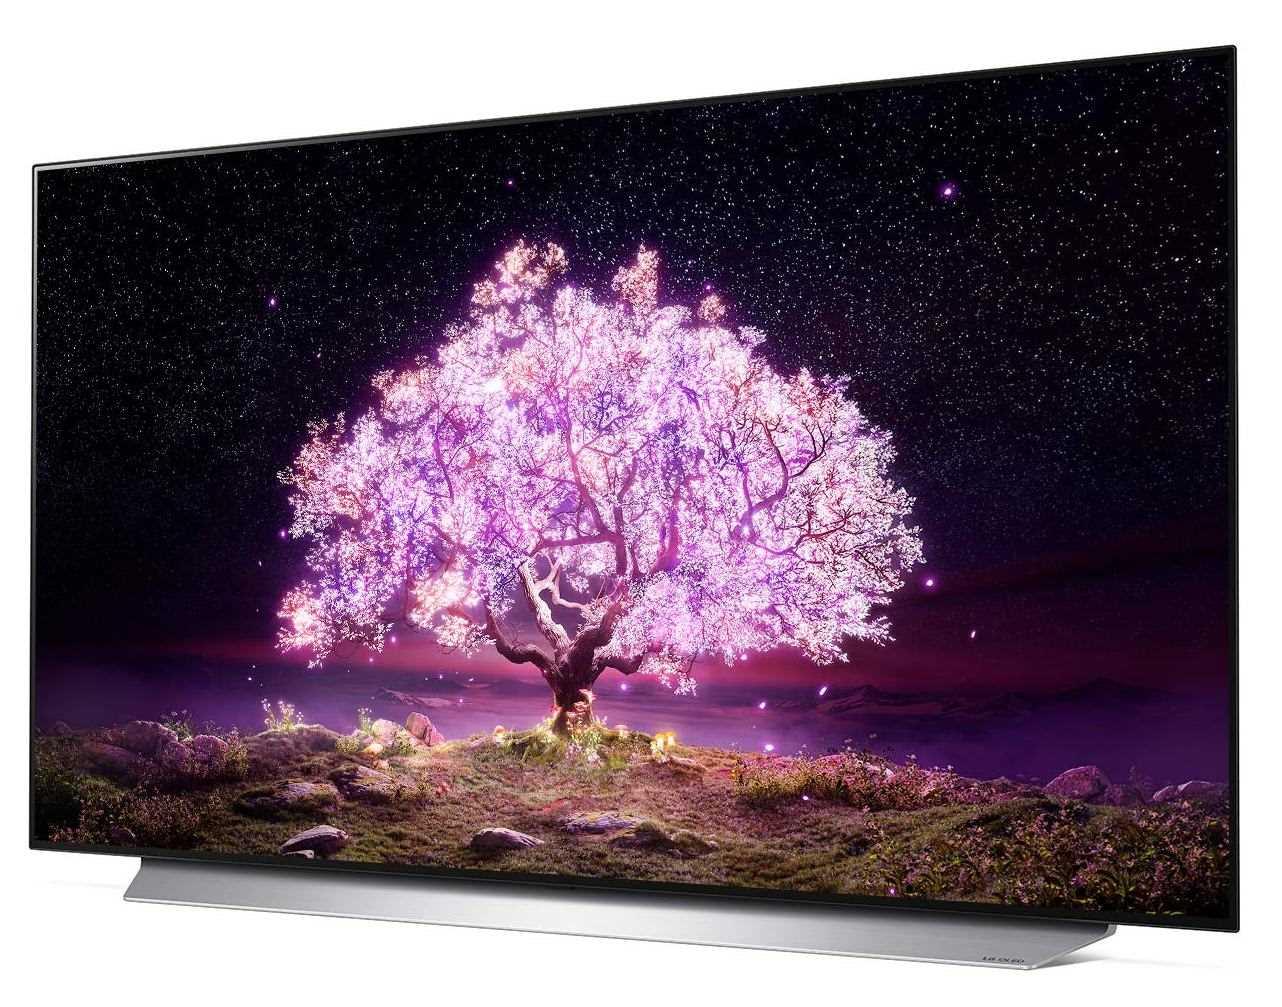 טלוויזיה 65 אינץ' דגם OLED 65C1PVA בטכנולוגיית LG OLED 4K Ultra HD אל ג'י - תמונה 3